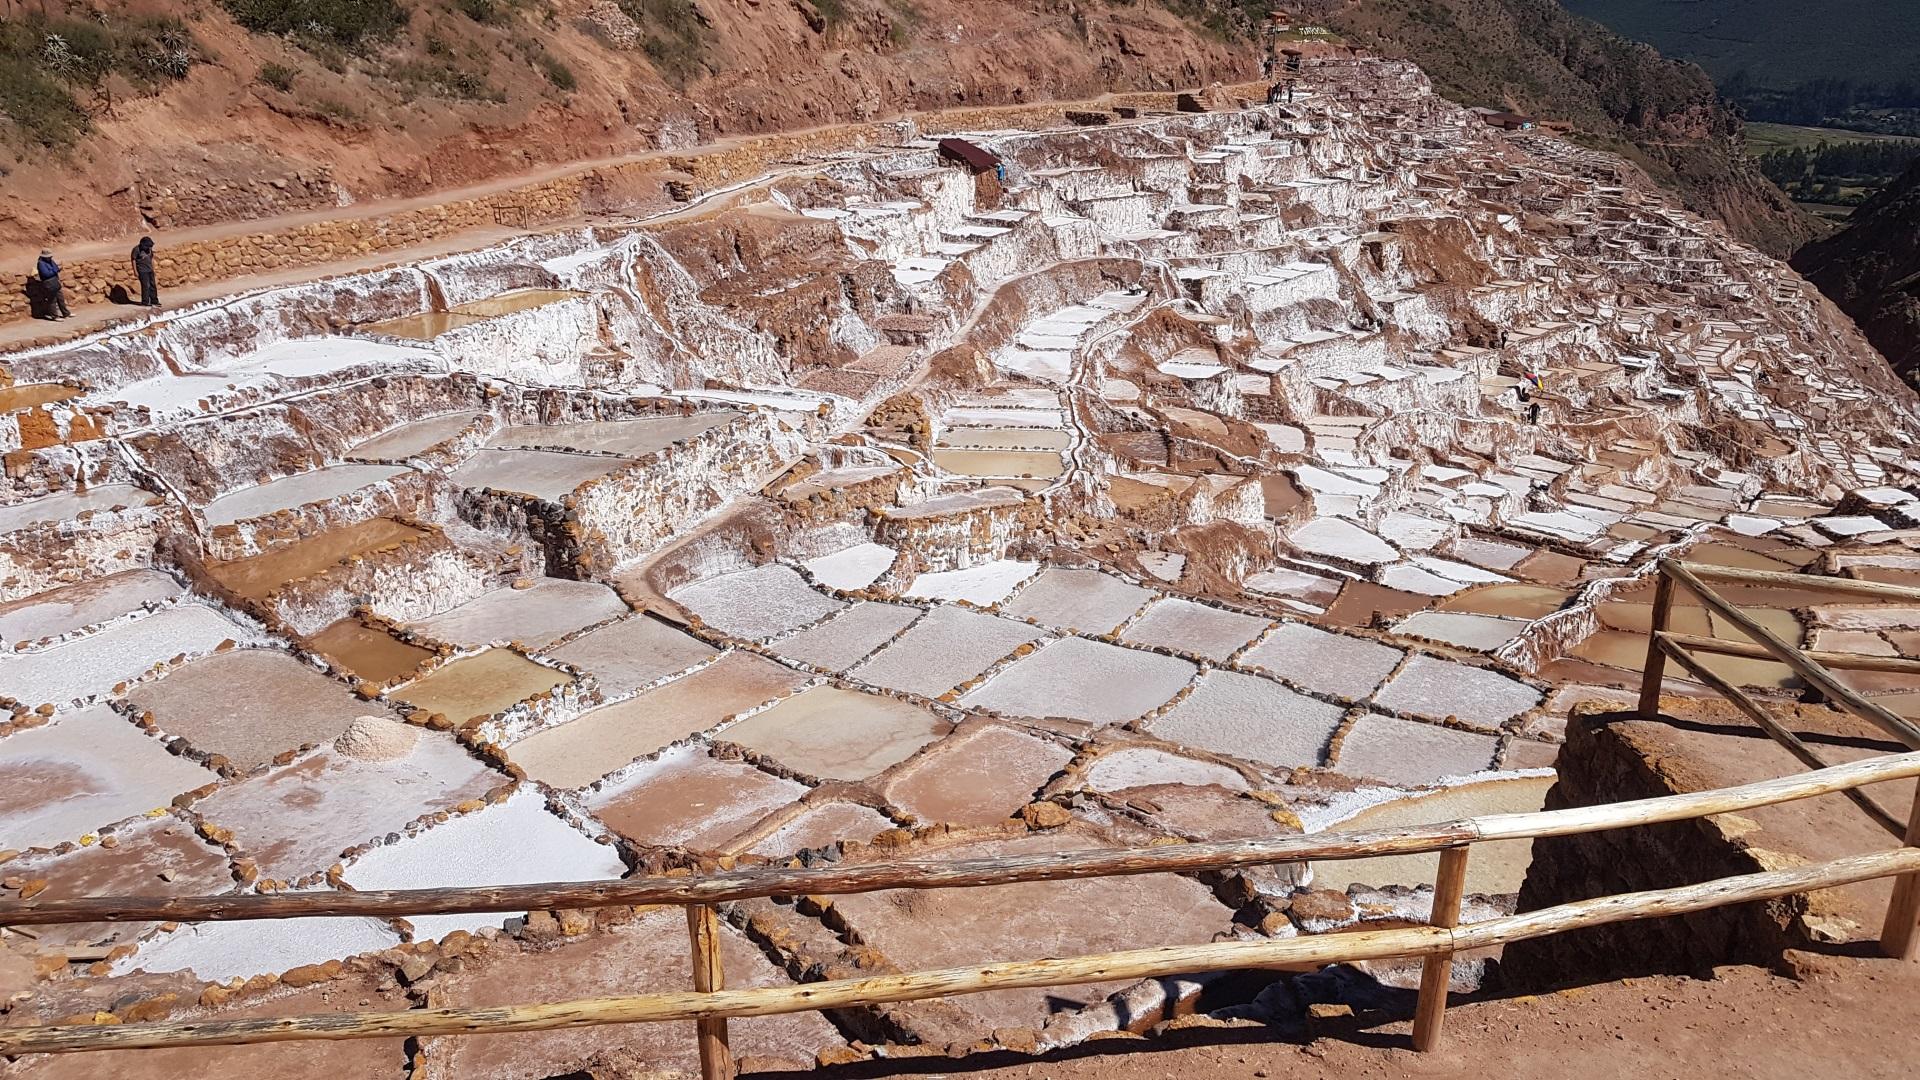 Visiter Les salines de Maras - Pérou